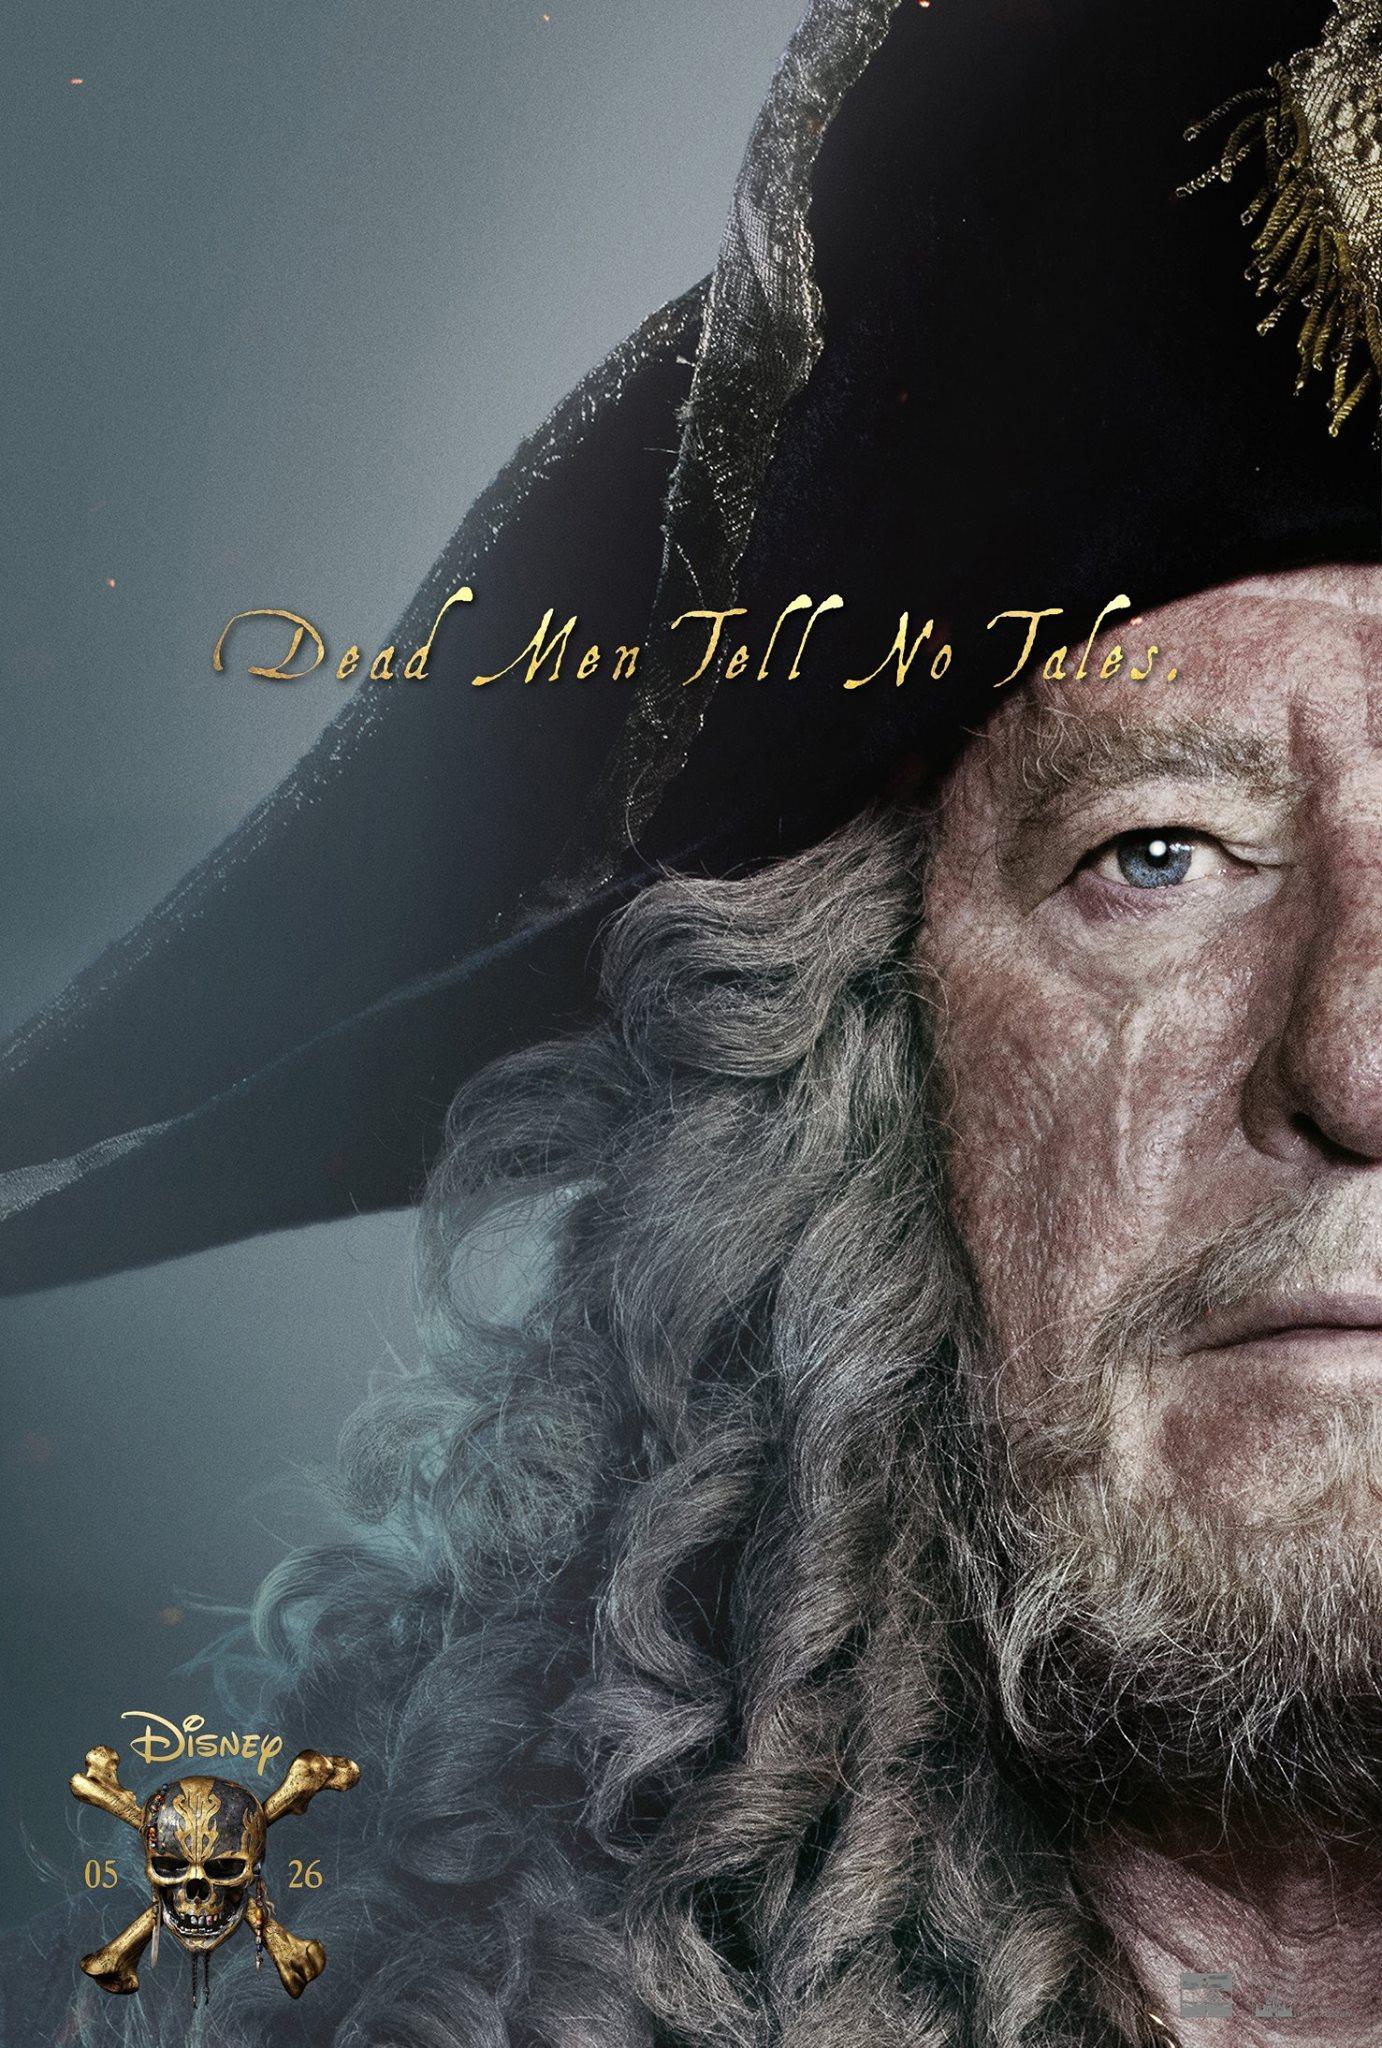 Смотреть фильм Пираты Карибского моря: Мертвецы не рассказывают сказки полная версия бесплатно